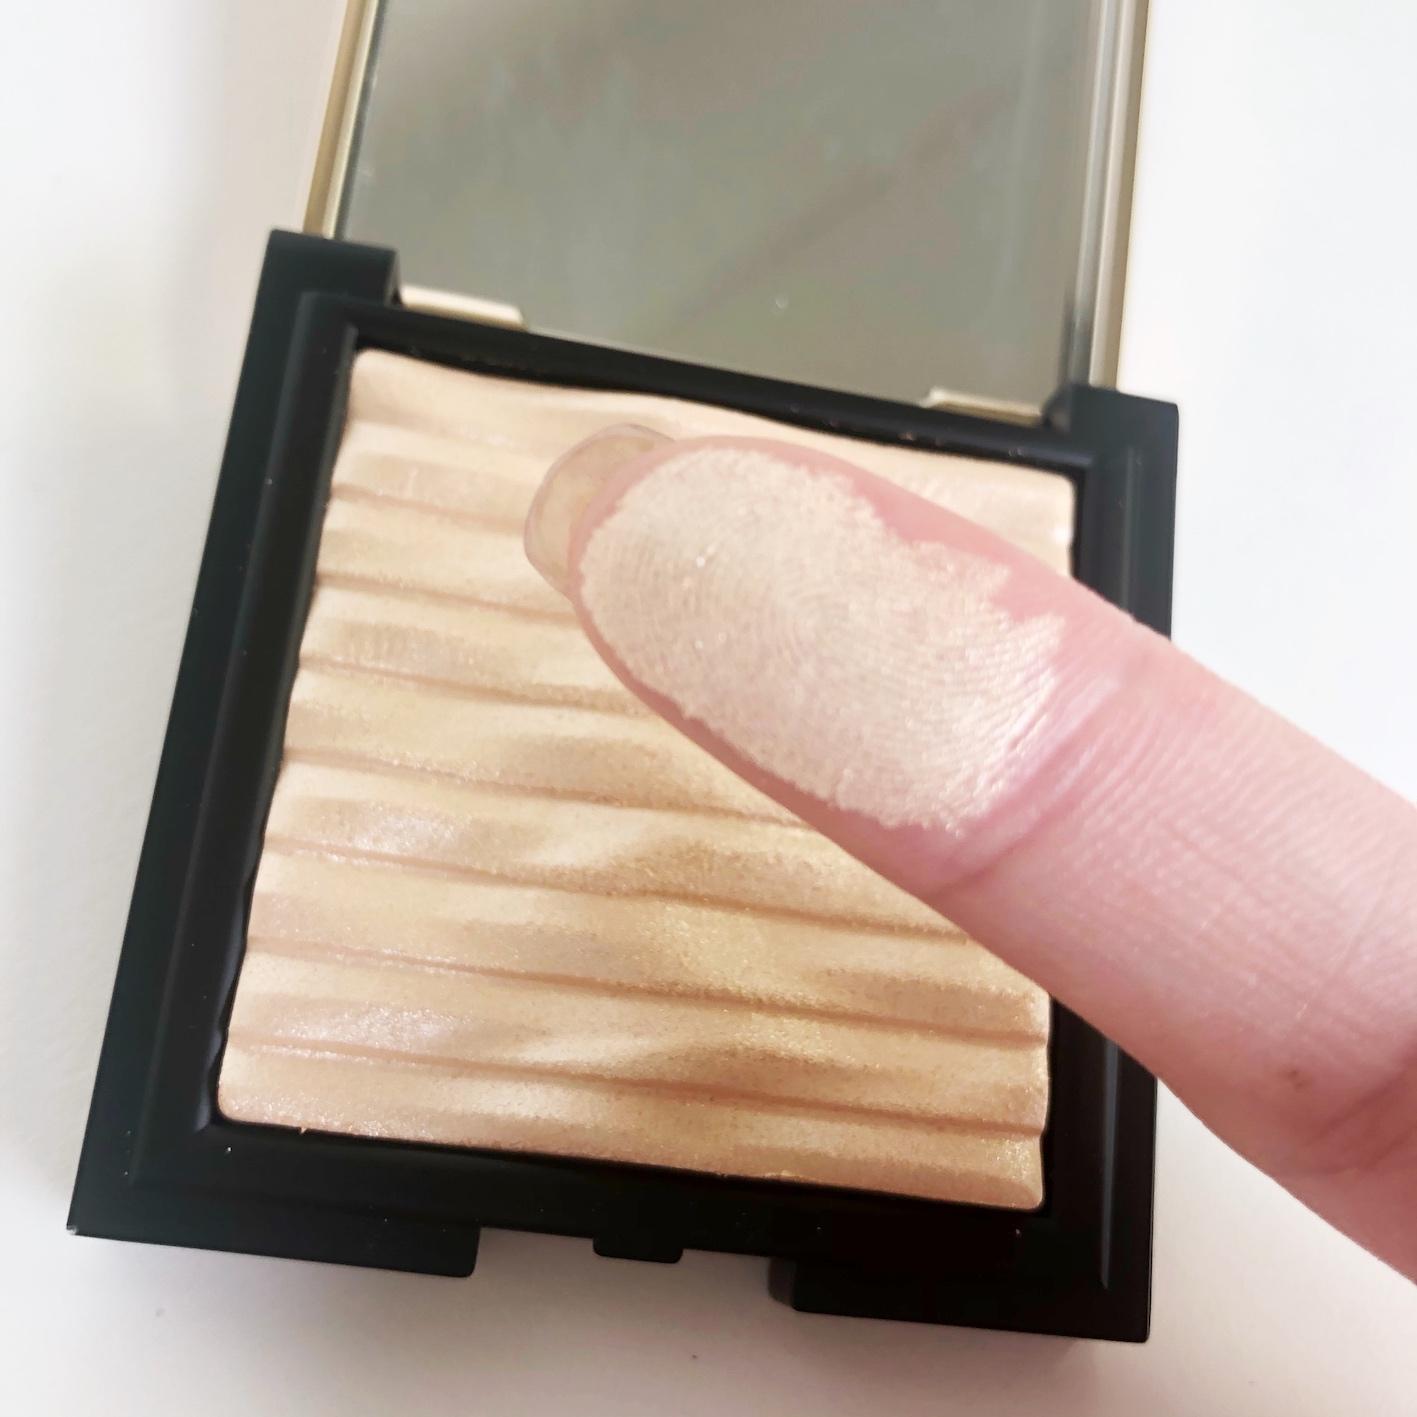 透き通るクリアなツヤ肌を演出してくれる優秀ハイライターに関する画像12